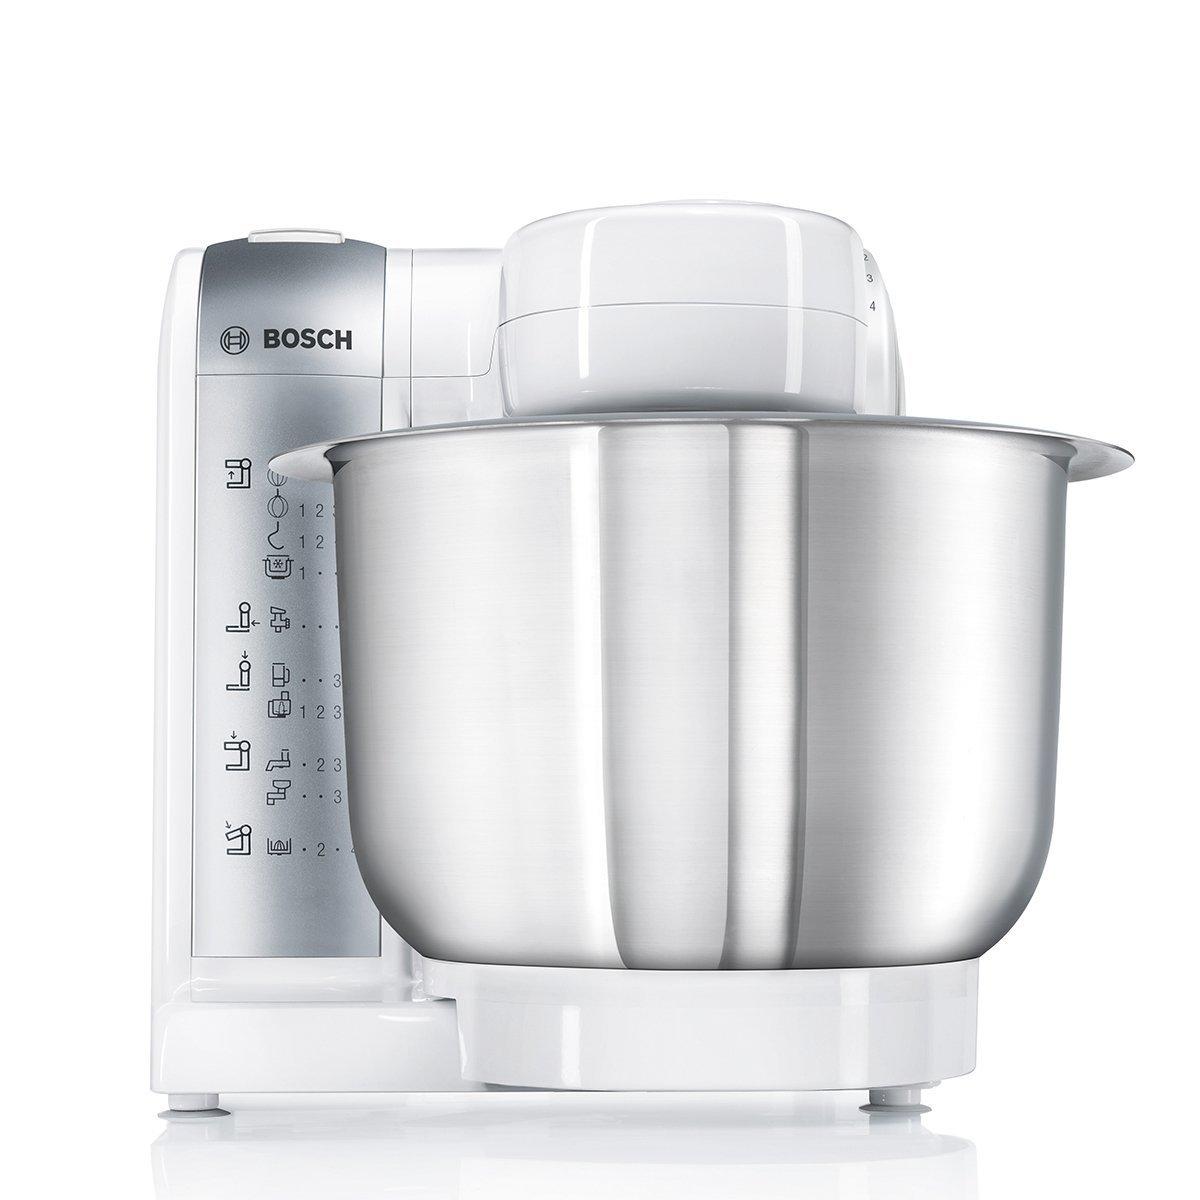 Bosch MUM4880 Küchenmaschine im Test